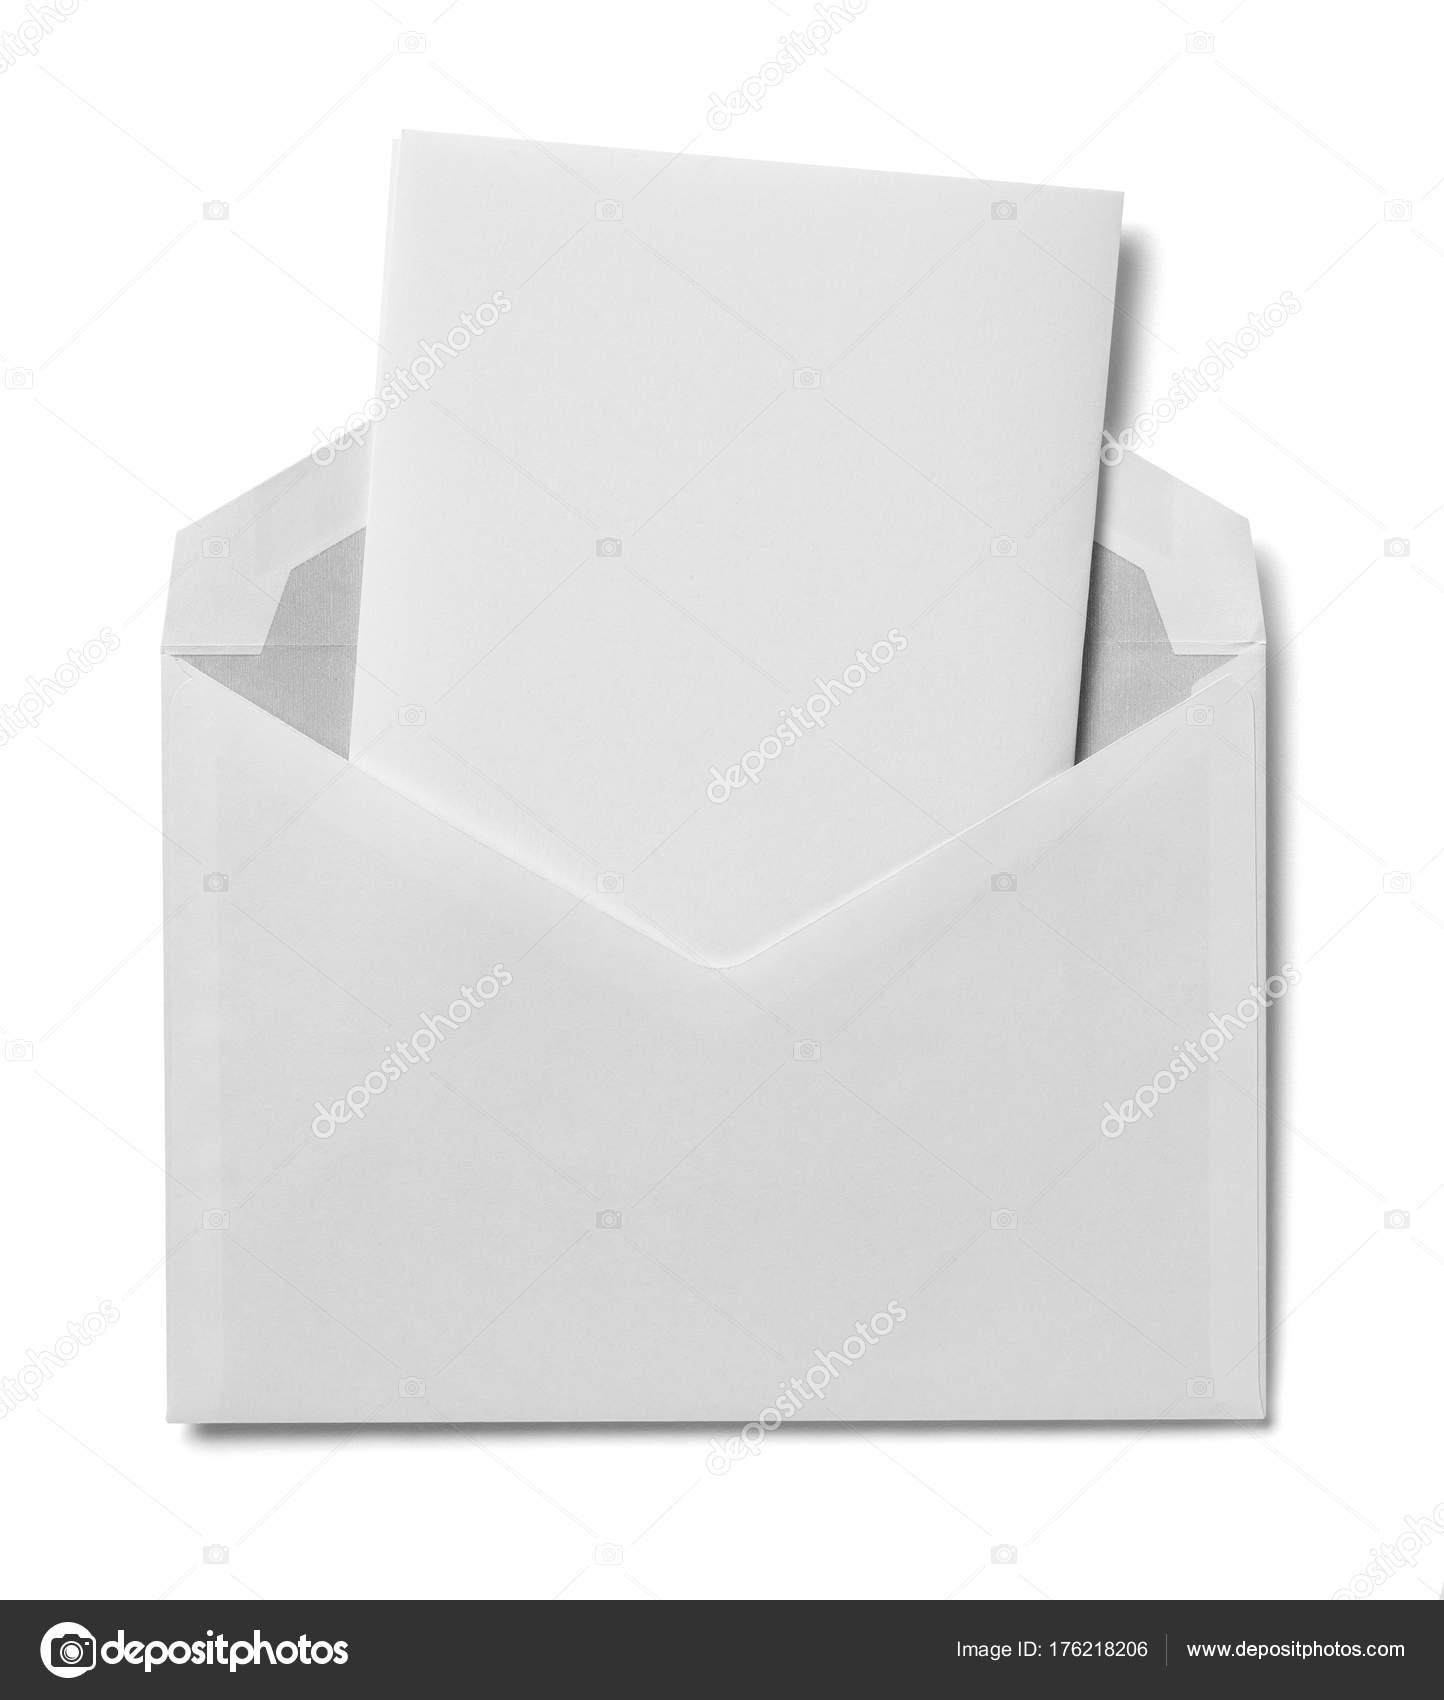 voorbeeldbrief promotie envelop voorbeeldbrief mock up branding — Stockfoto © PicsFive  voorbeeldbrief promotie